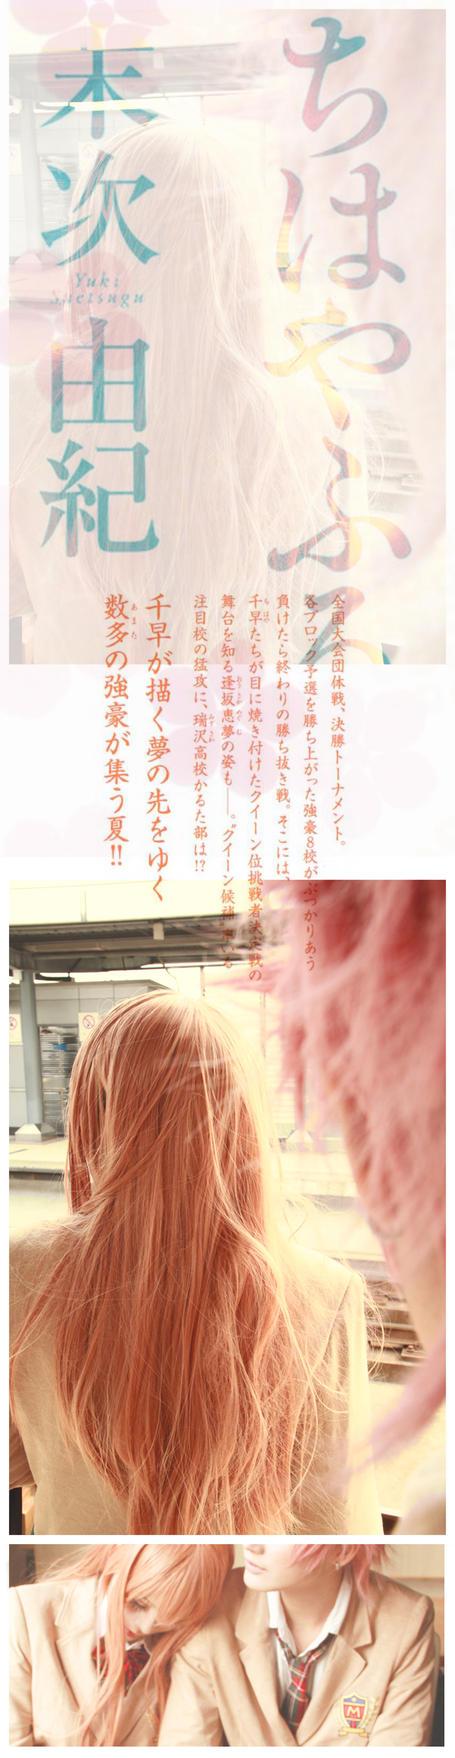 Chihayafuru by 0hagaren0